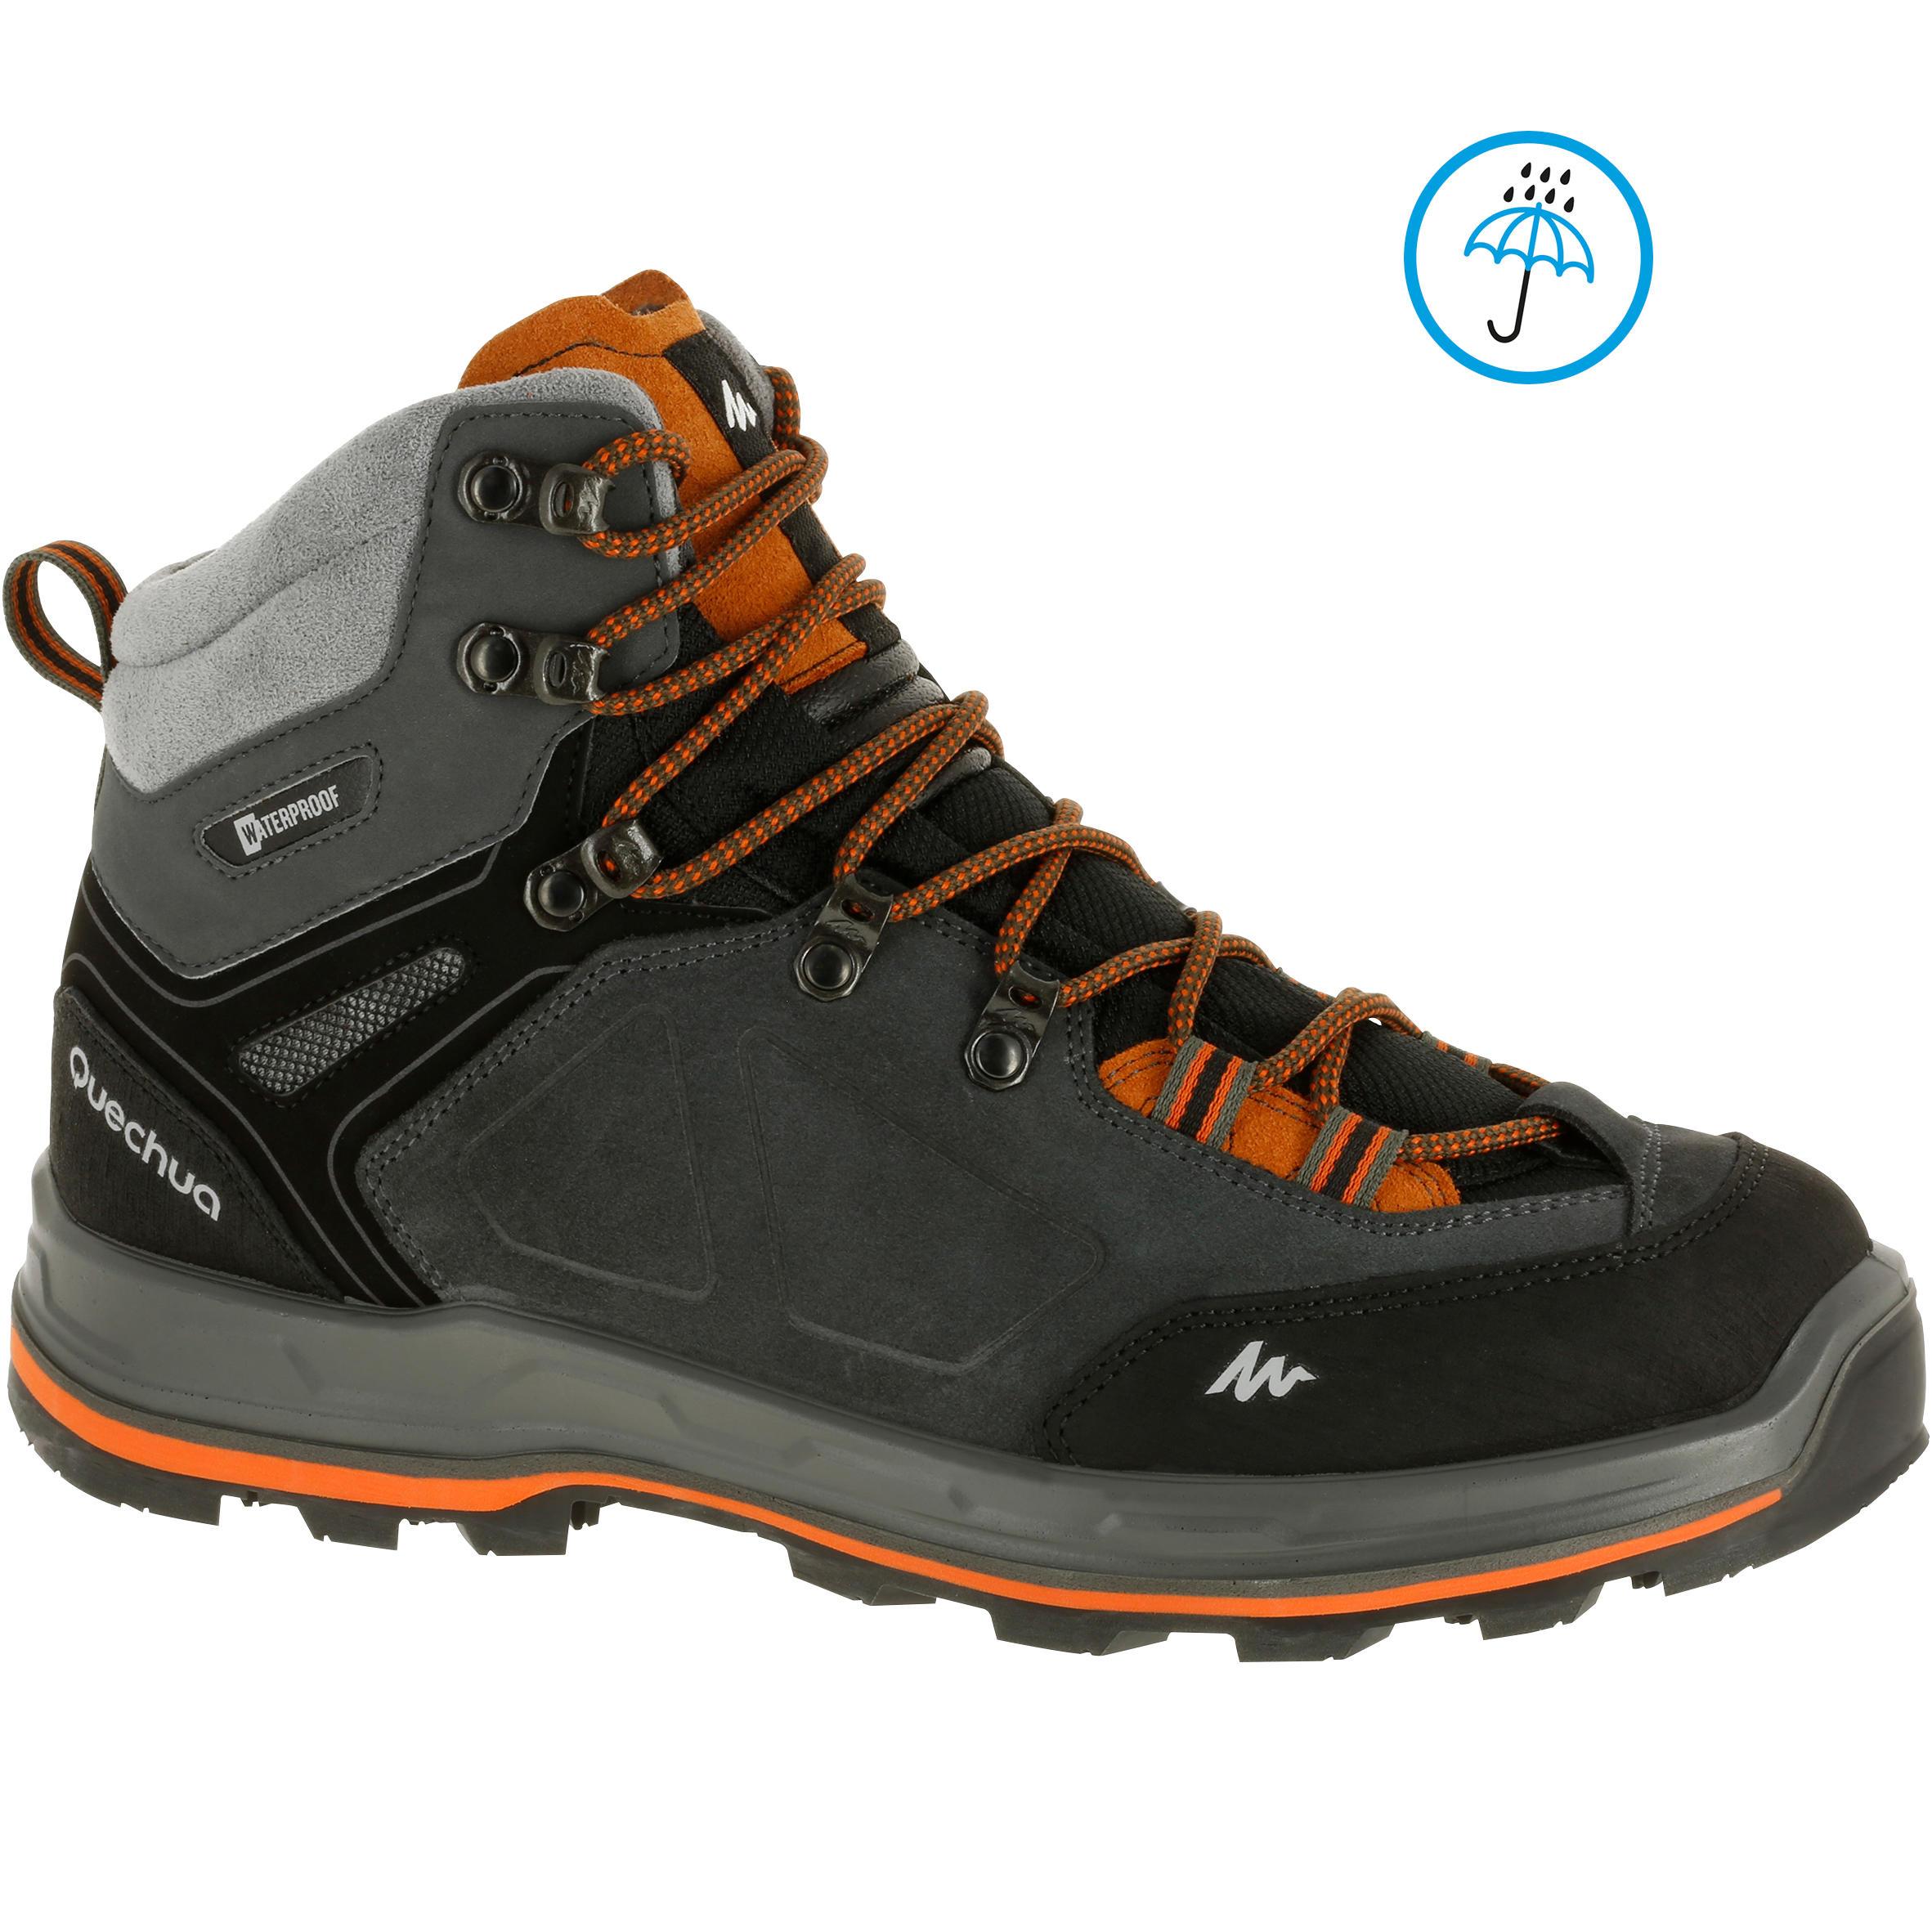 Hiking \u0026 Trekking Boots | Buy Best Men